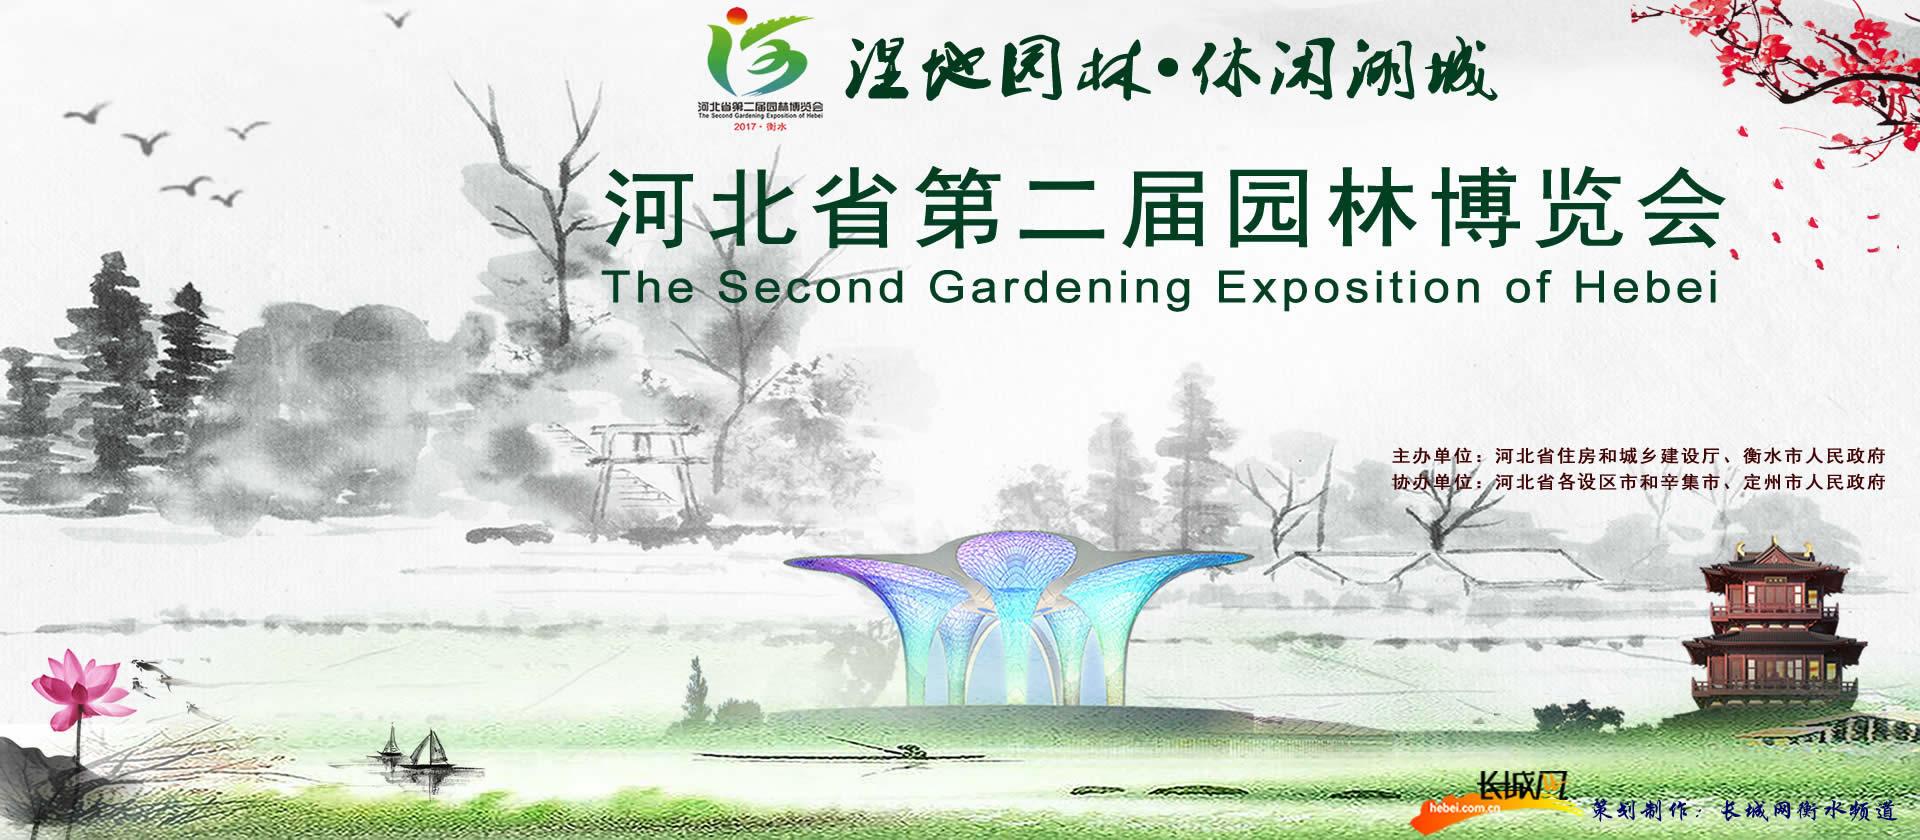 【专题】河北省第二届园博会